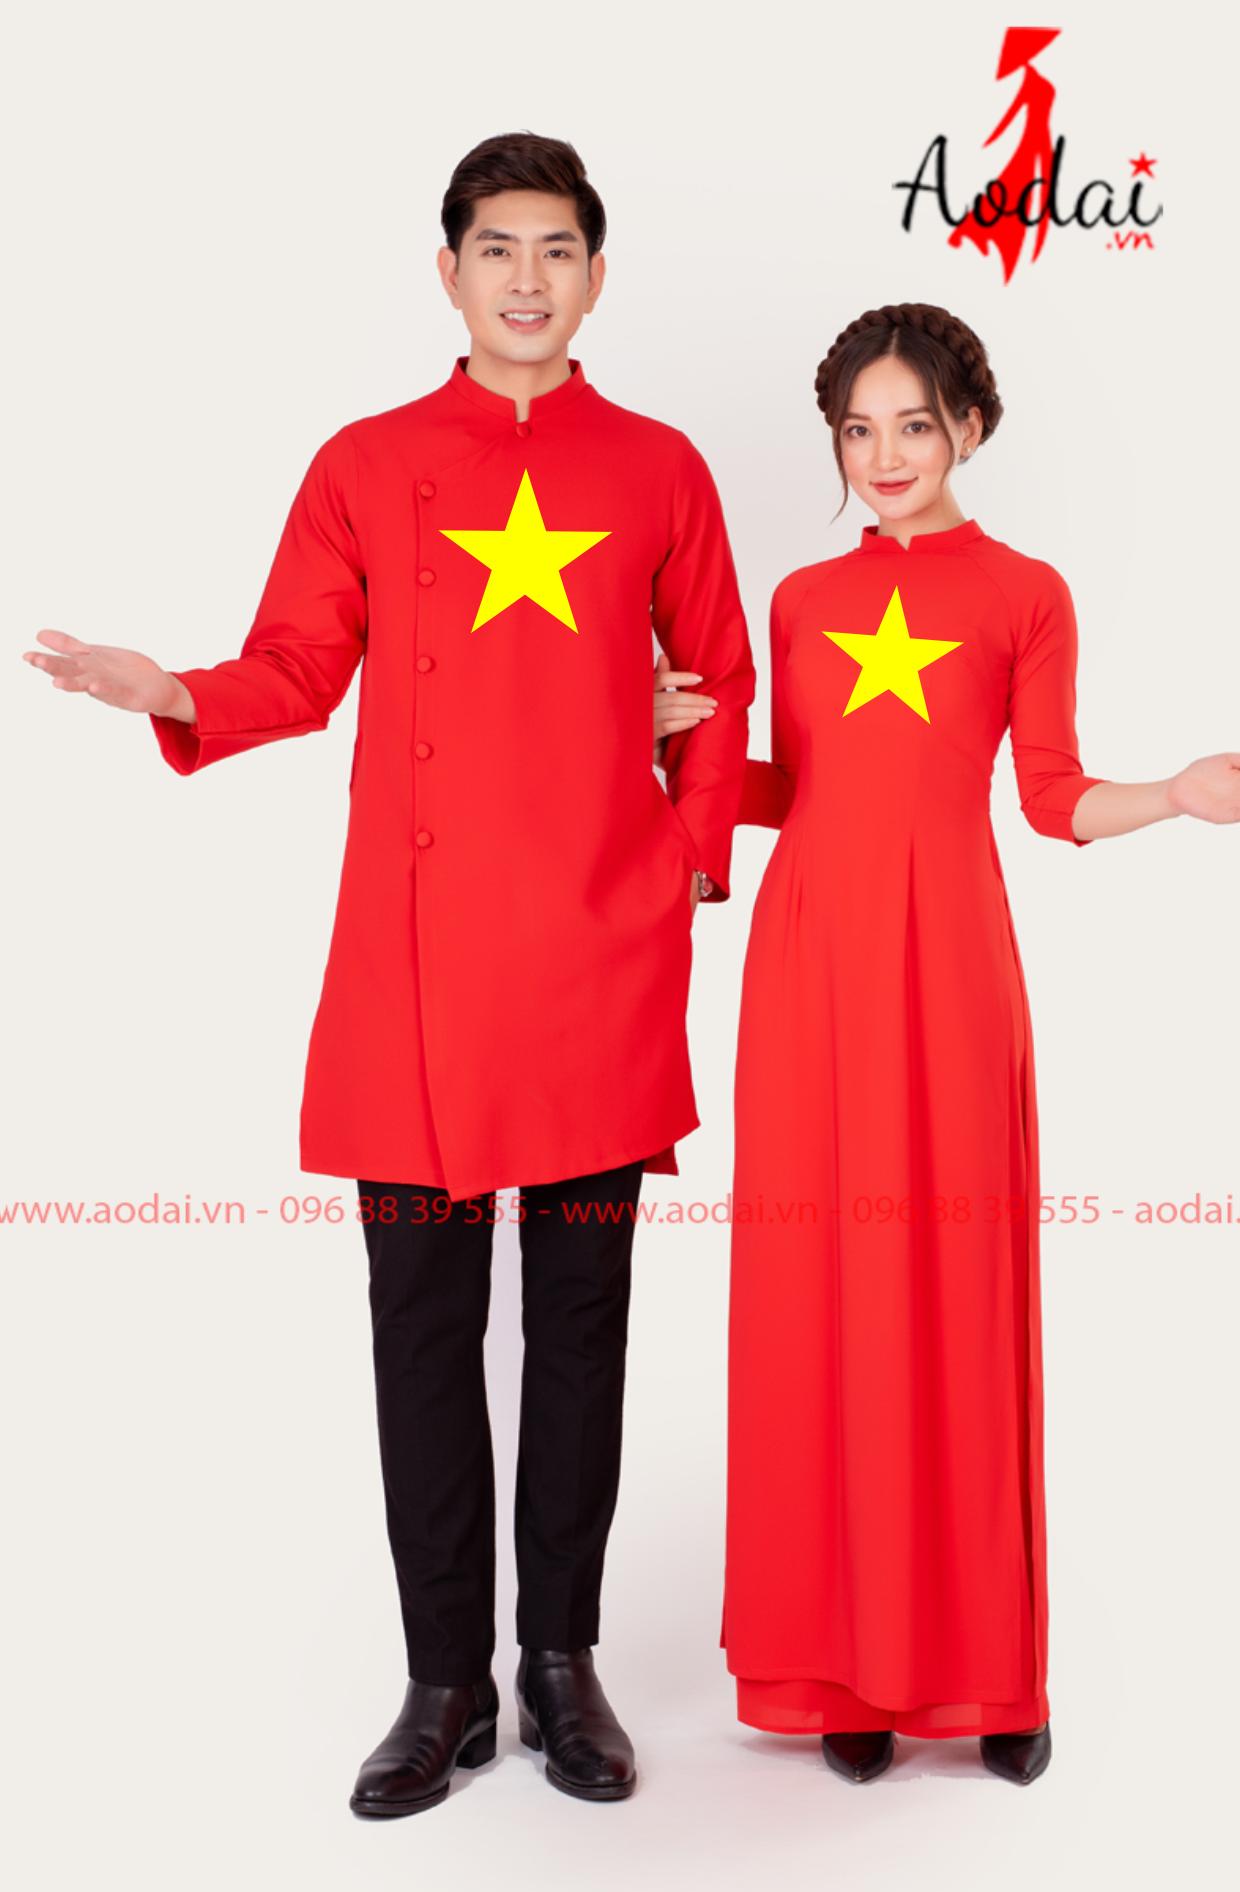 Áo dài cờ đỏ sao vàng đẹp